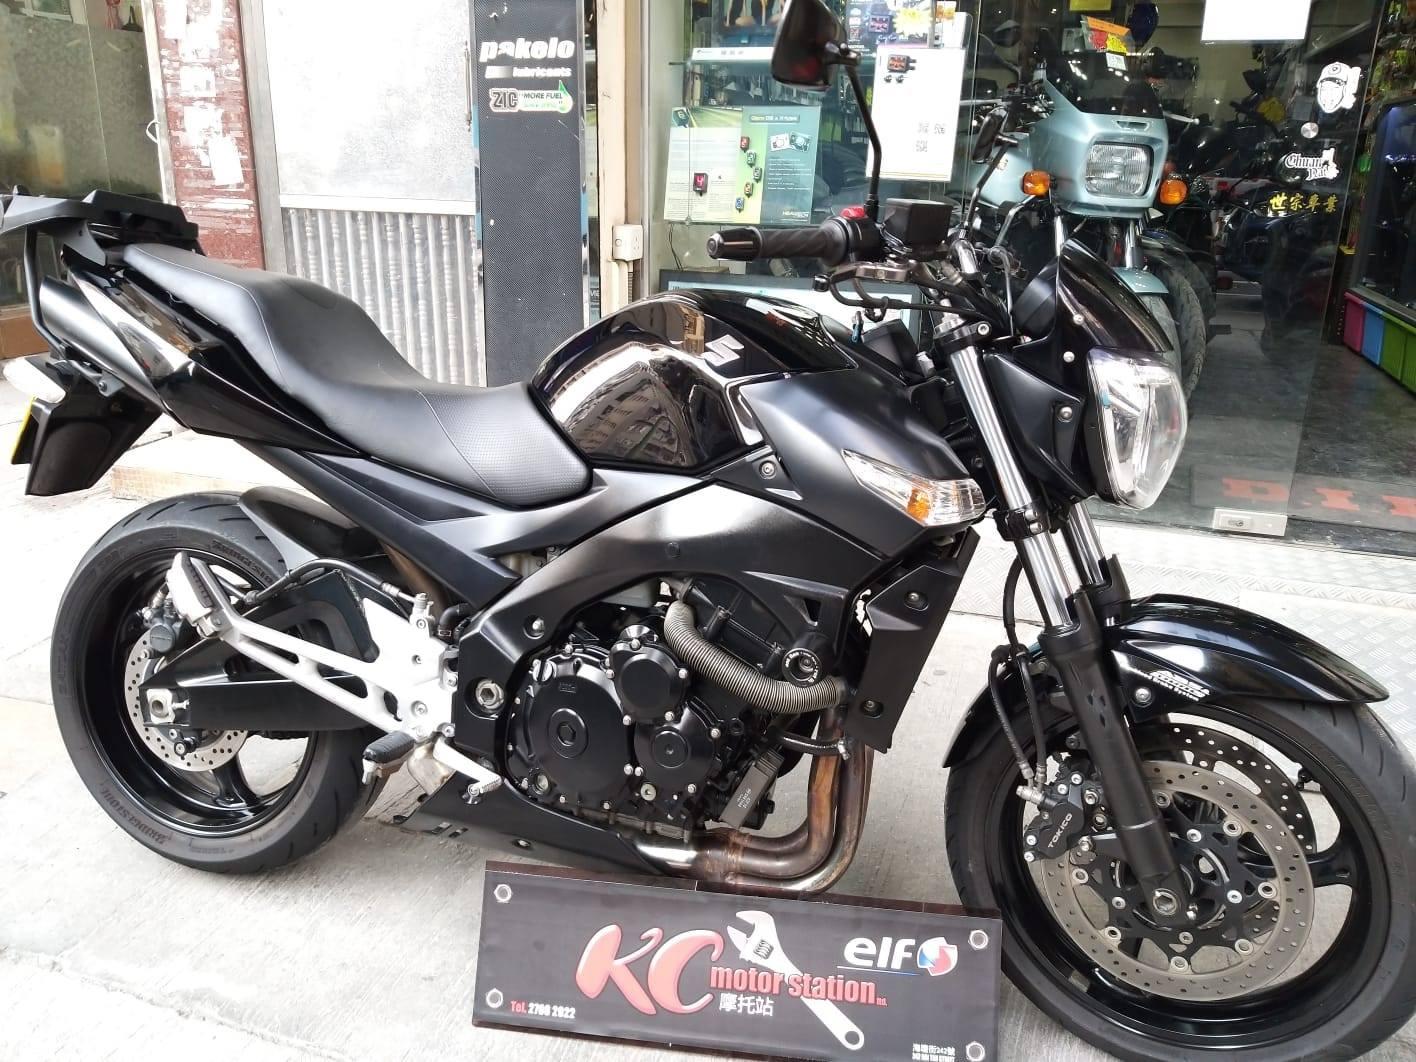 SUZUKI GSR600 2008    -「Webike摩托車市」